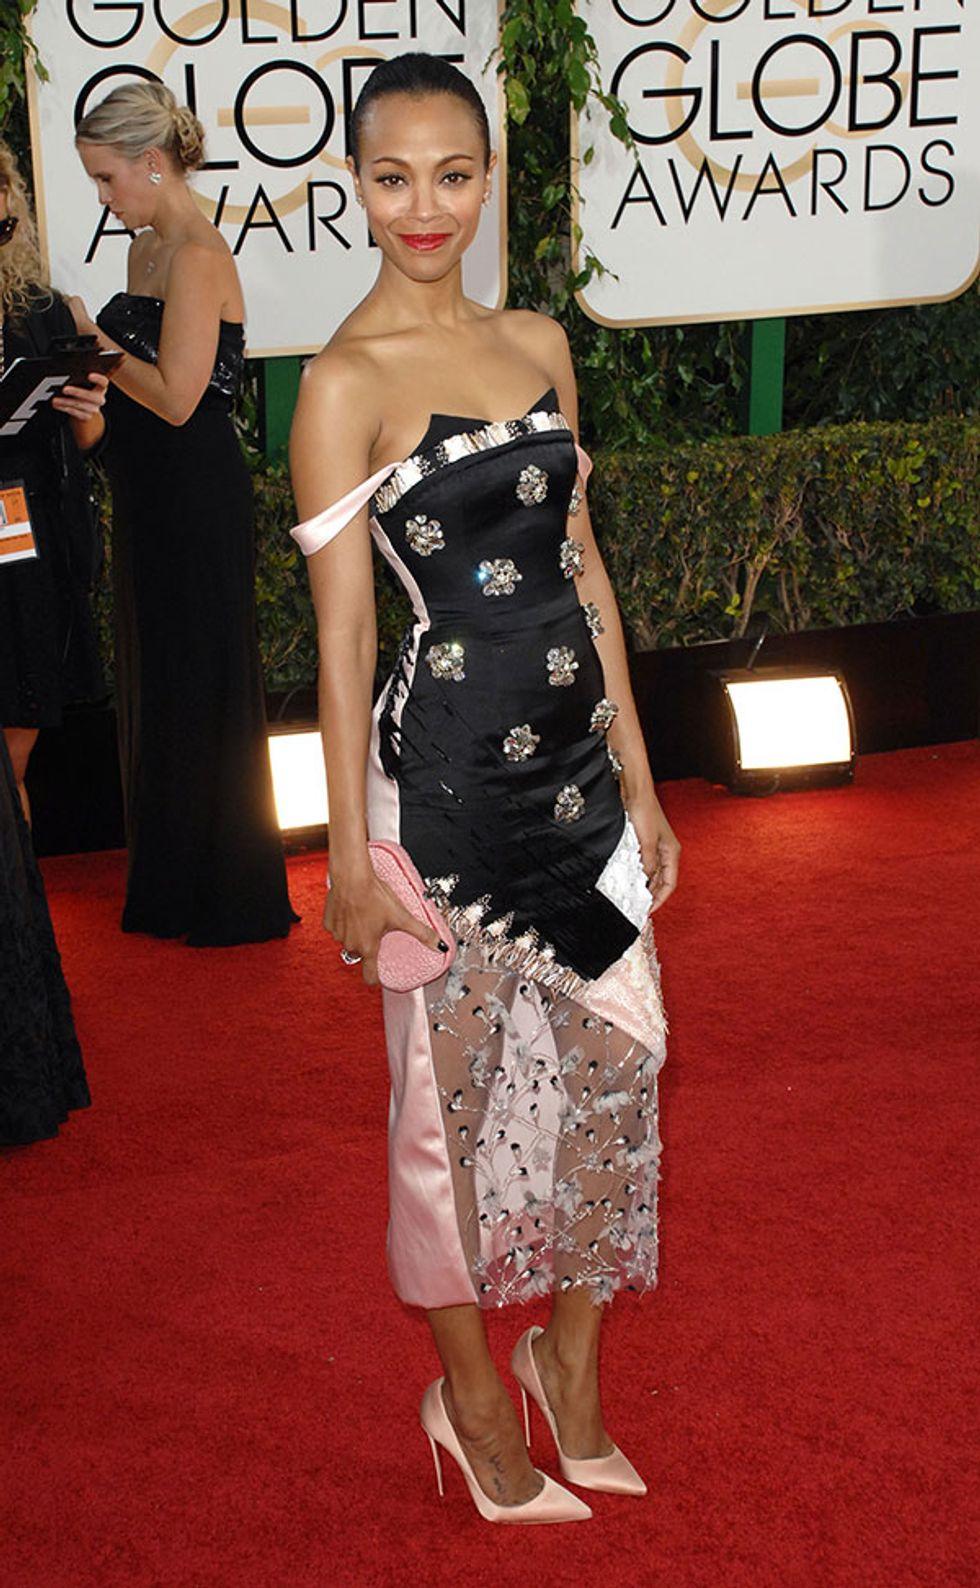 In Defense of Zoe Saldana's Golden Globes Dress